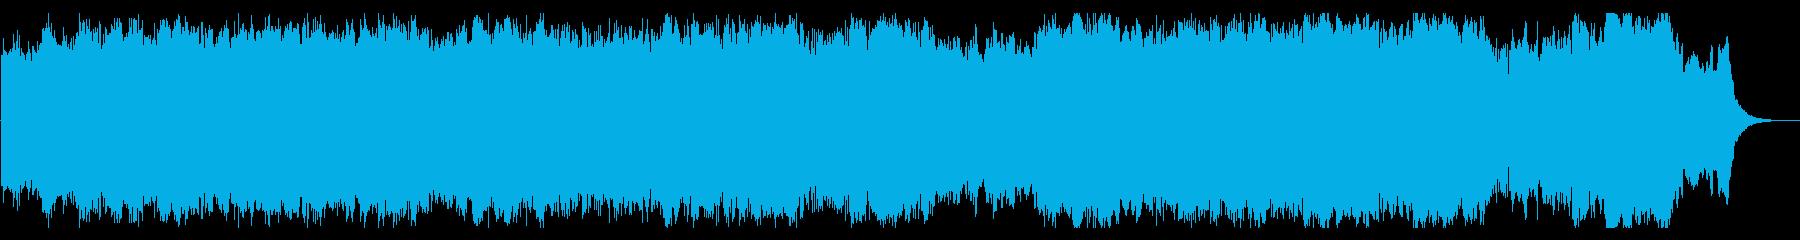 重厚感・緊迫感のあるハリウッド系BGMの再生済みの波形